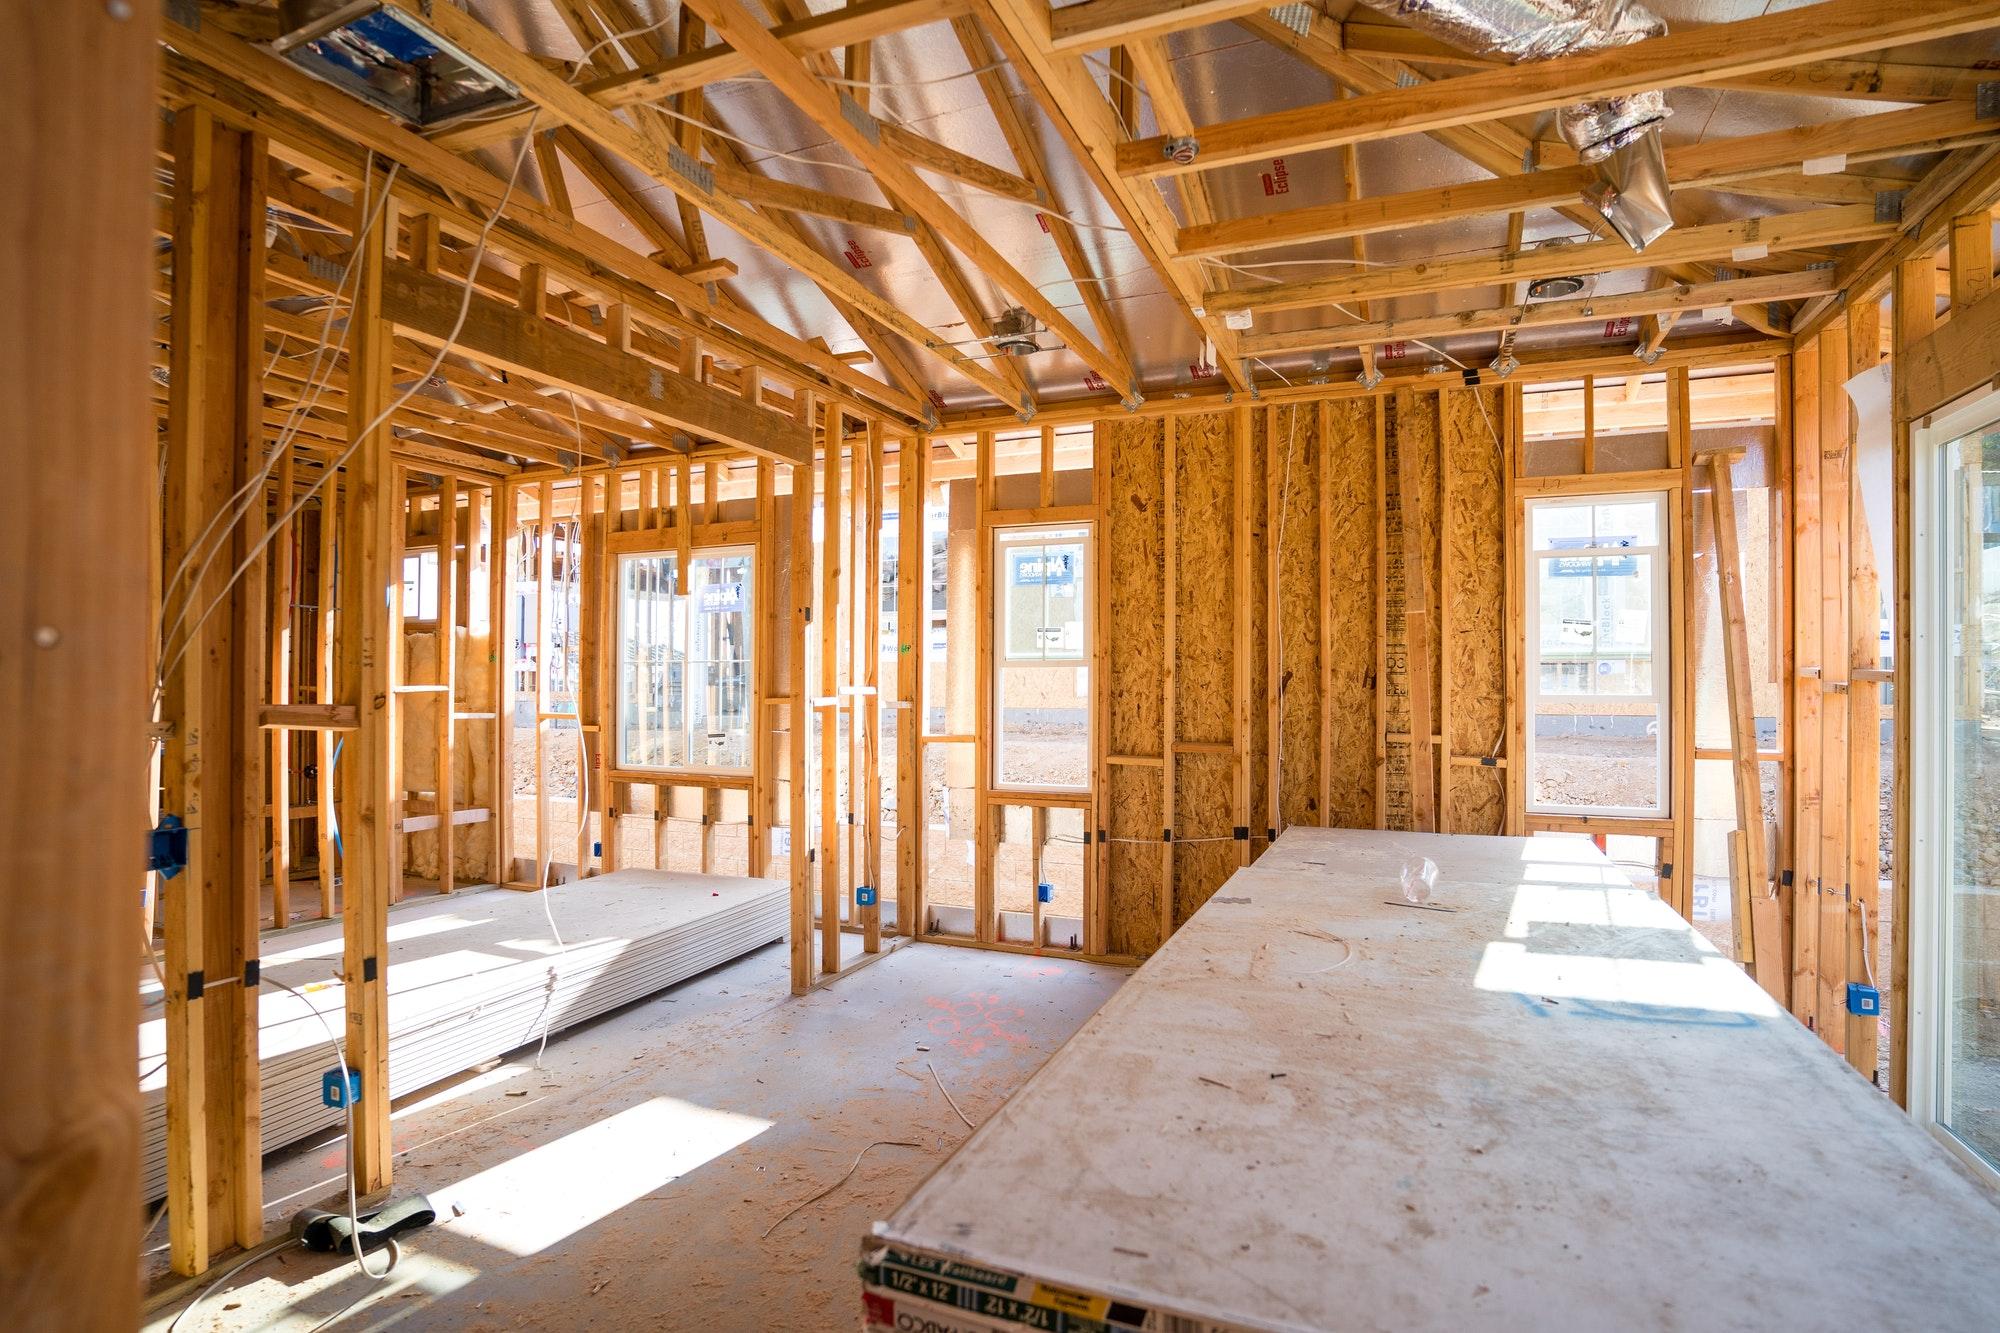 Udvide el-tavle samt udvidelse af en elinstallation i en tilbygning